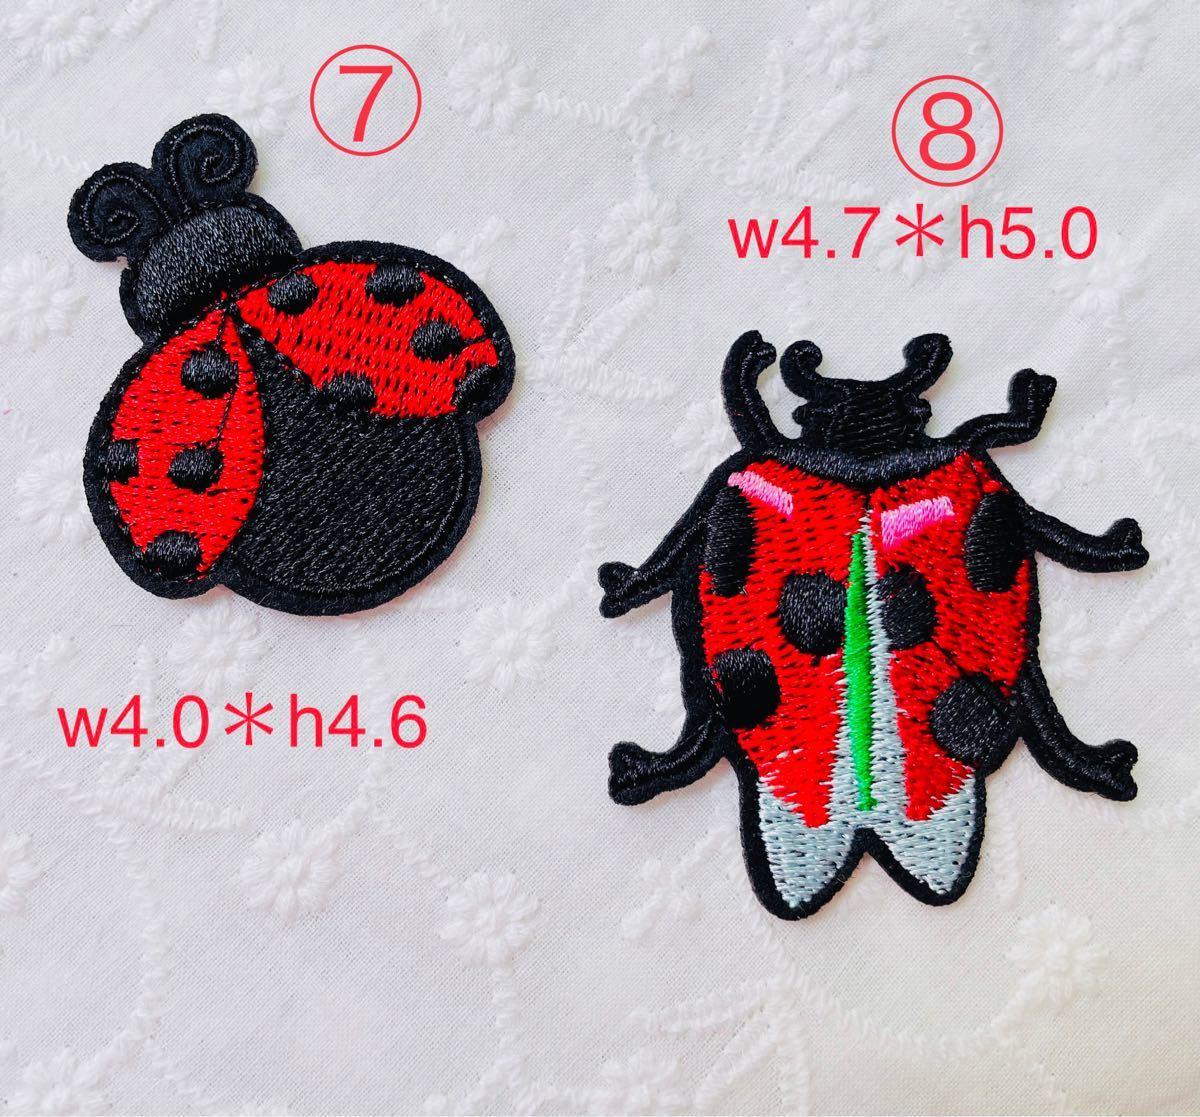 刺繍 アイロンワッペン てんとう虫ワッペン 3枚セット 8種類から選べる